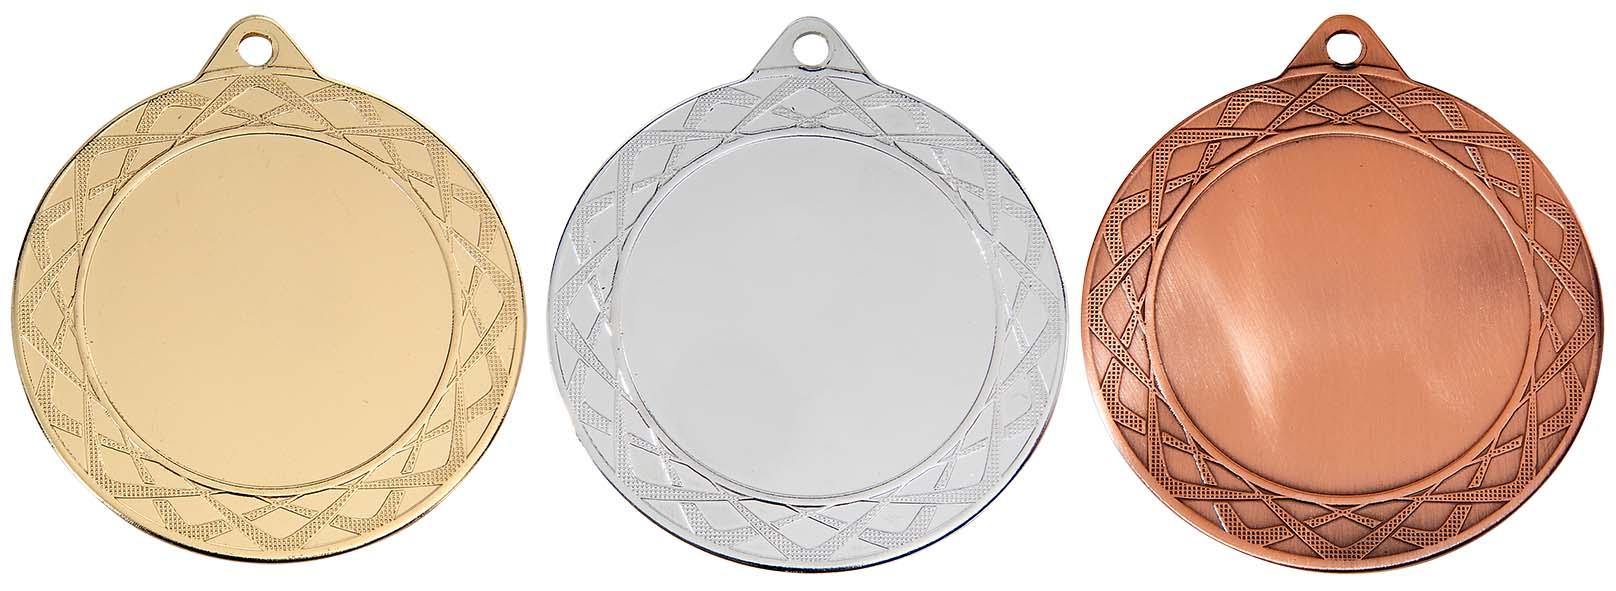 Medaille BG017